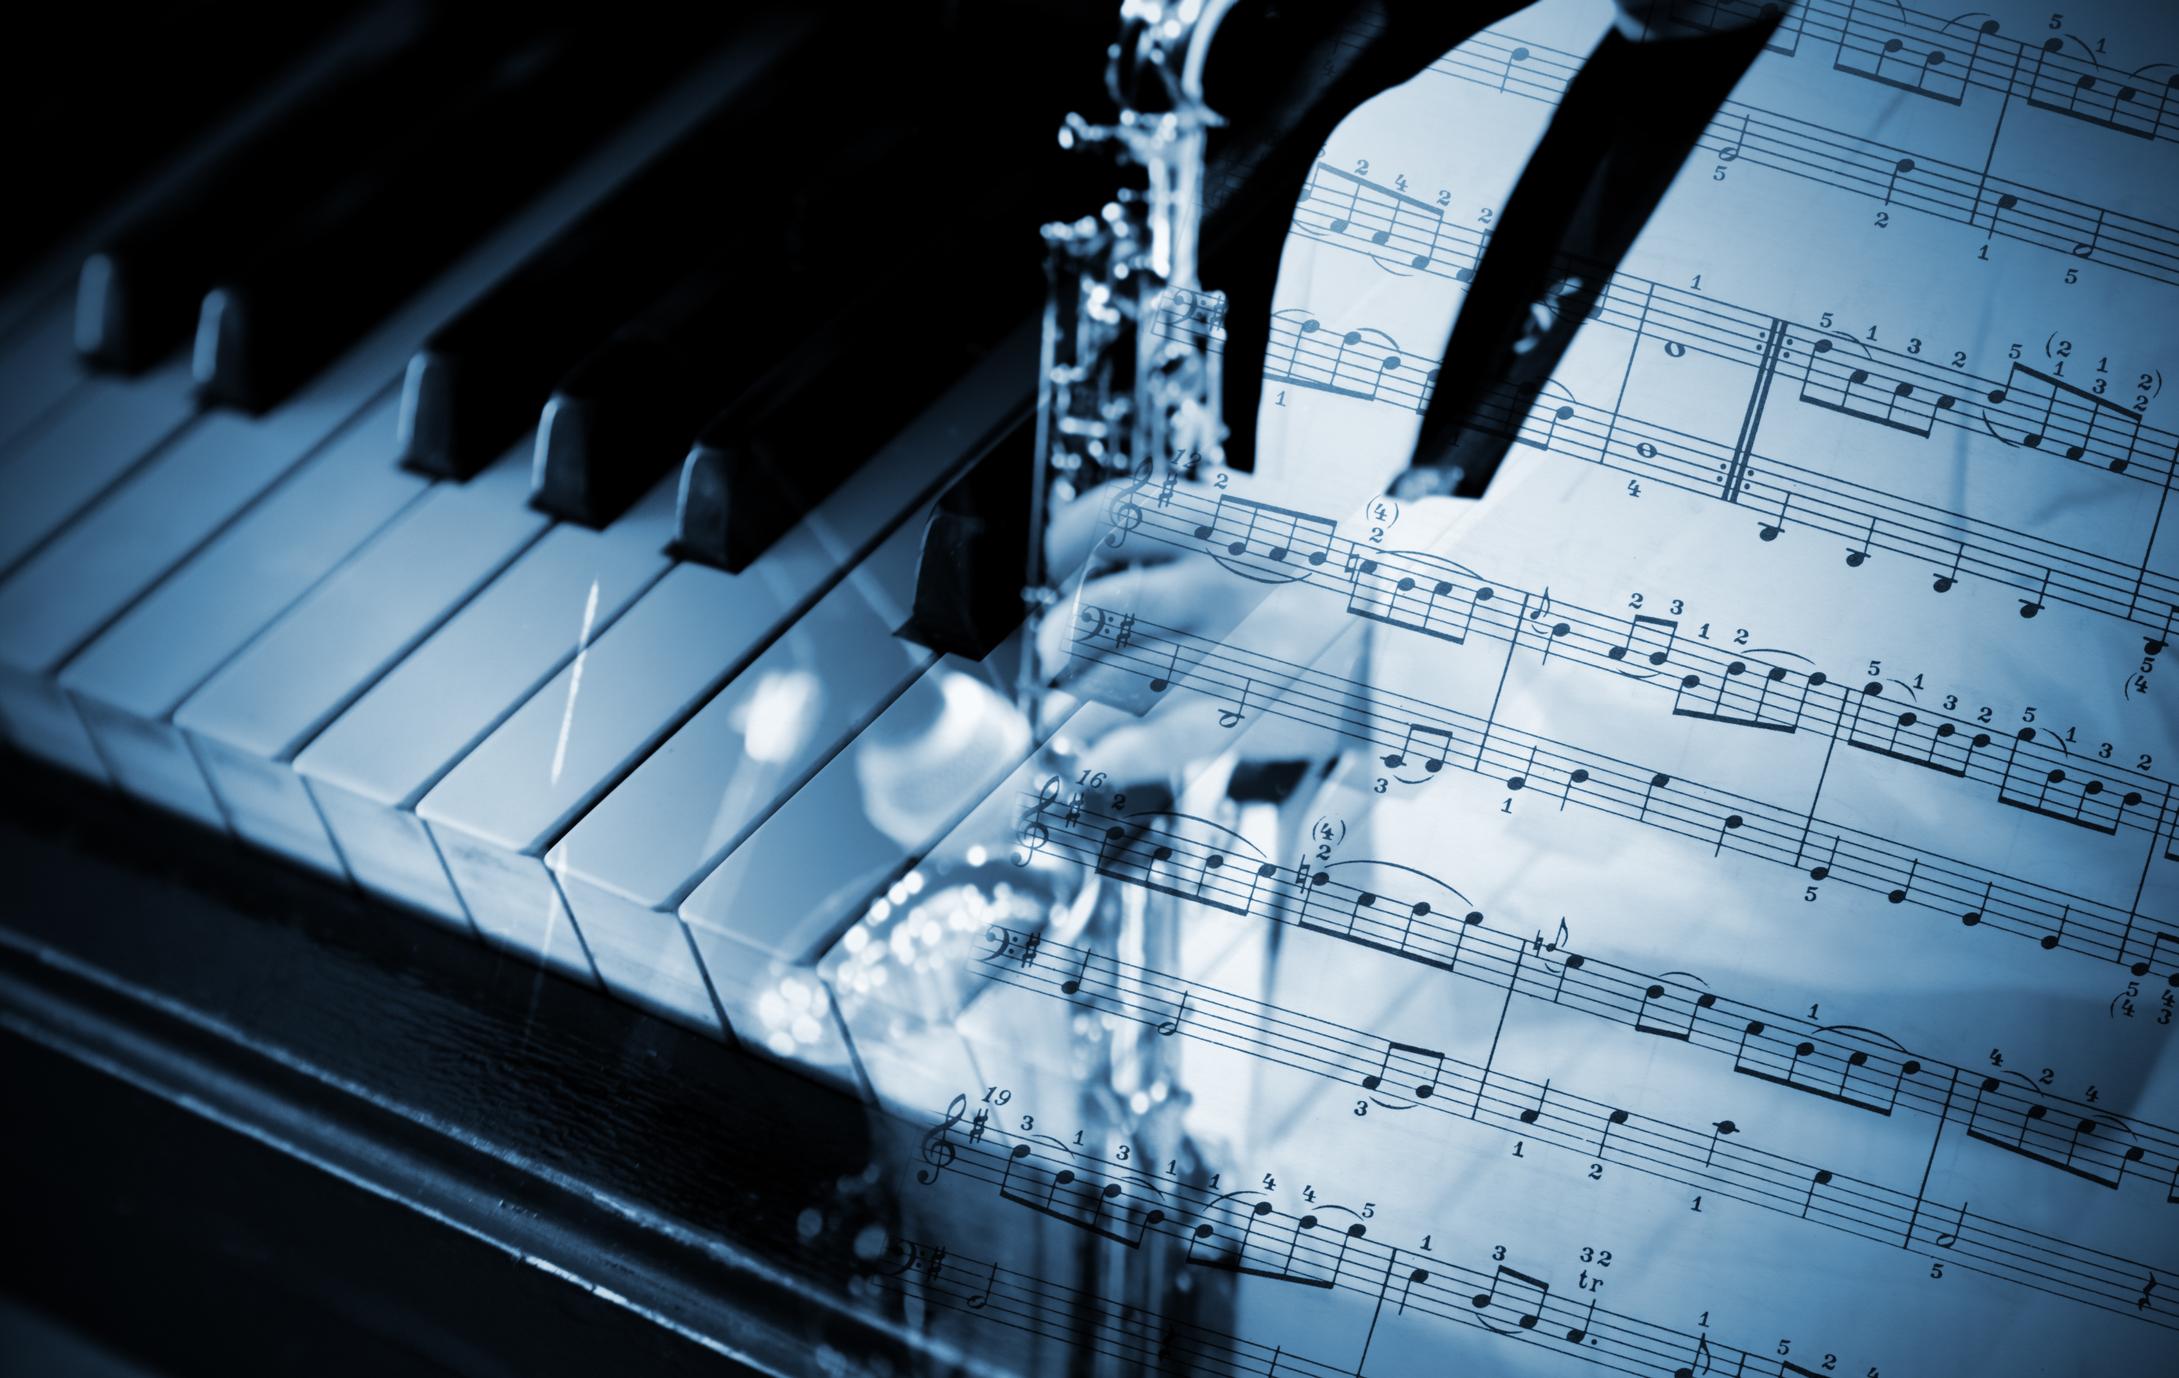 Pénisz zongora | kovacsoltvas-kerites-korlat.hu - Humoros témák az internetről!